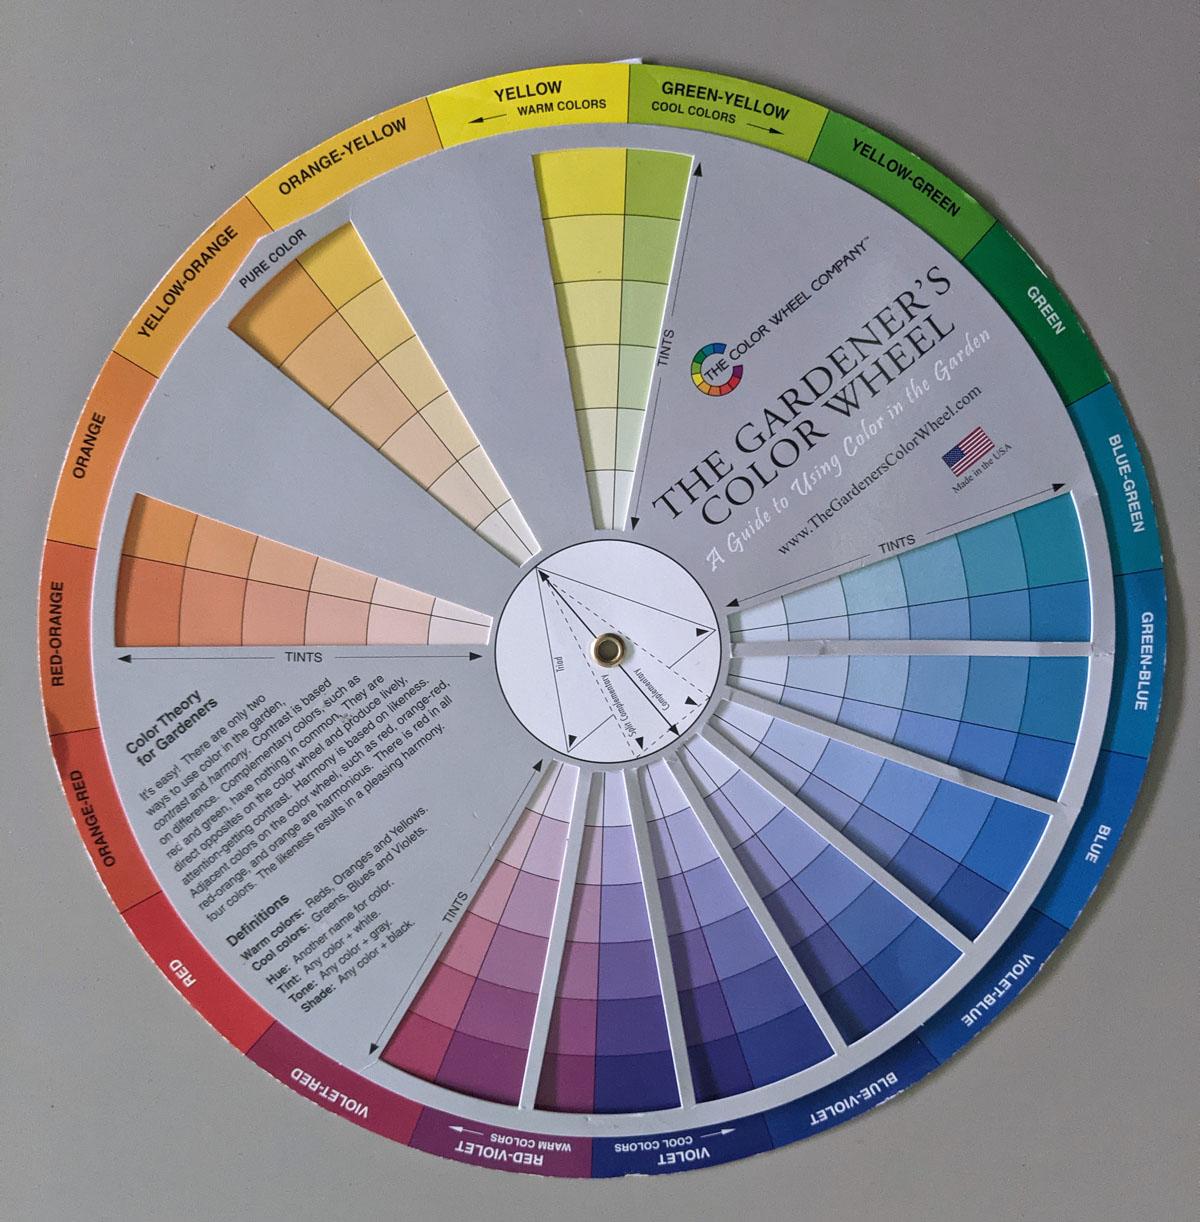 Colour Wheel for Flower ARranging